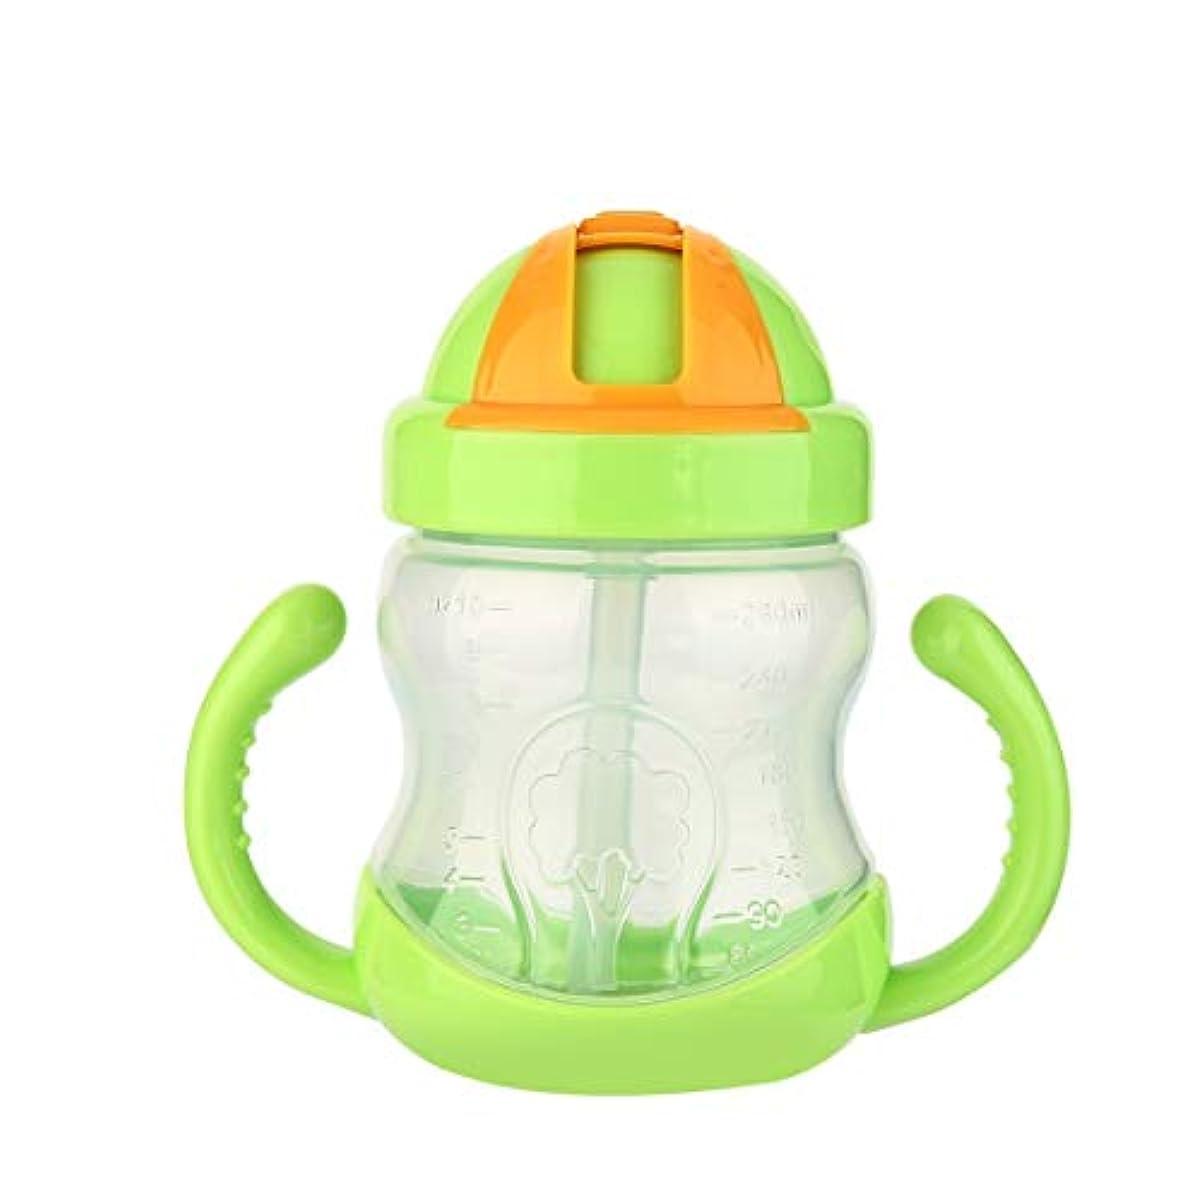 葉巻決定する野な280mlかわいい哺乳瓶ストロー子供子供学習シリコンミルクニブラー供給安全ボトルハンドル注ぎ口-グリーン